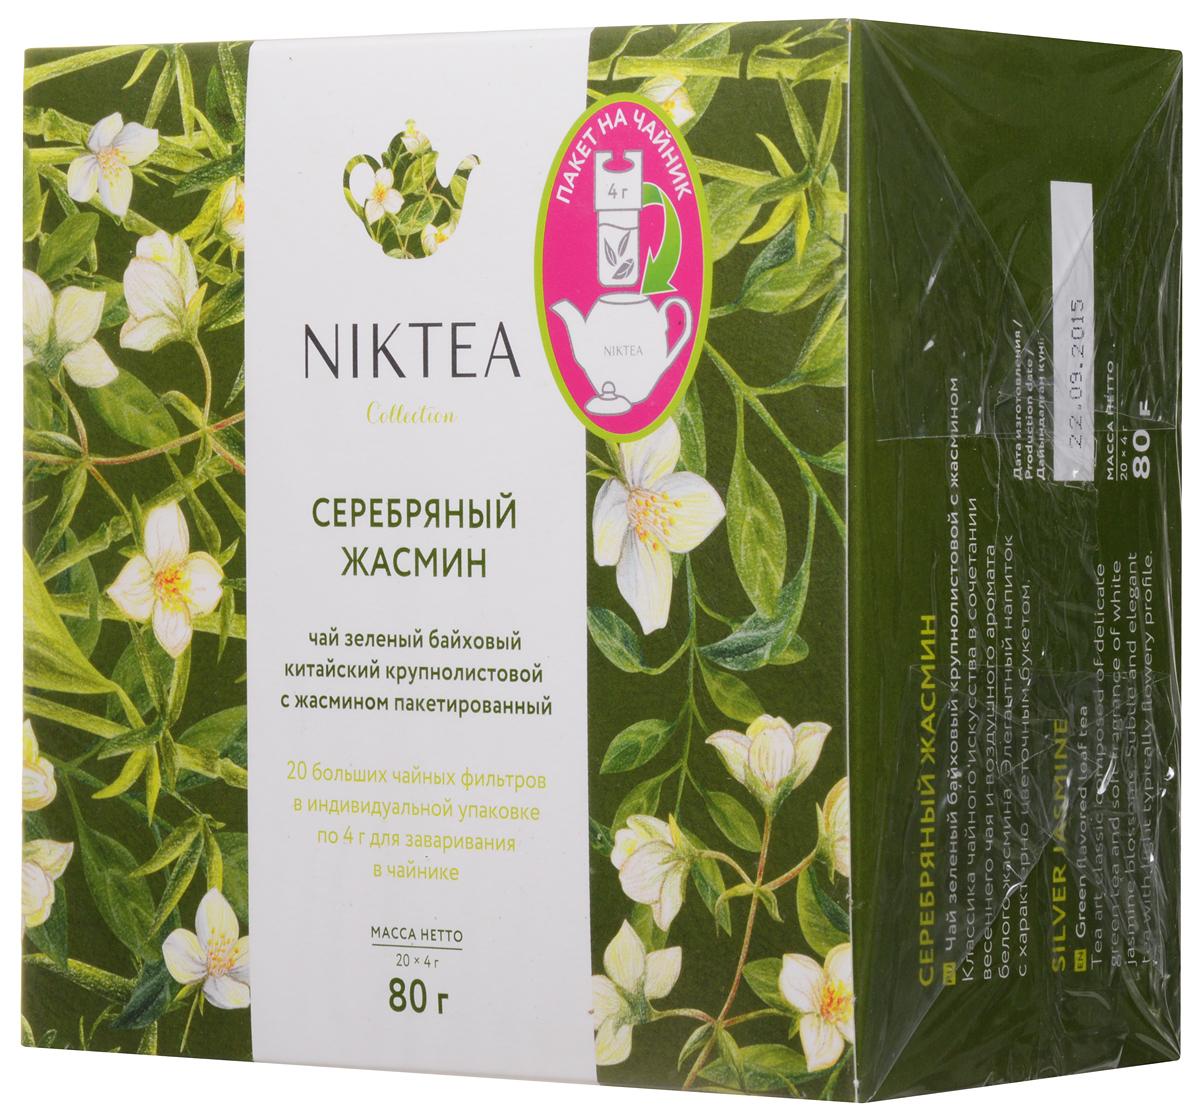 Niktea Silver Jasmine чай зеленый для чайника, 20 пакетов по 4 г0120710Niktea Silver Jasmine - классика чайного искусства в сочетании весеннего чая и воздушного аромата белого жасмина. Элегантный напиток с характерным цветочным букетом.Коллекция NikTea разработана командой экспертов, имеющих богатый опыт в чайной индустрии. Во время ее создания выбирались самые надежные поставщики из Европы и стран происхождения чая, а в линейку включили не только топовые аутентичные позиции, но и новые интересные рецептуры в традициях современной чайной миксологии.NikTea - это действительно качественный чай. Для истинных ценителей мы предлагаем безупречное качество: отборное сырье, фасовку на высокотехнологичном производственном комплексе в России, постоянный педантичный контроль готового продукта, а также сертификацию сырья по международным стандартам.NikTea - это разнообразие. В линейках листового и пакетированного чаяпредставлены все основные группы вкусов - от классического черного и зеленого чая до ароматизированных, фруктовых и травяных композиций.NikTea - это стиль. Необычная упаковка с модным авторским дизайном создает яркий и запоминающийся стиль, а интересные коктейльные рецептуры дают возможность экспериментировать со вкусами.NikTea для чайников – коллекция листового чая, упакованного в специальные фильтр-пакеты, рассчитанные под чайник.В коллекции представлены 6 основных must have вкусов – каждый сможет выбрать себе чай по душе. Удобство заваривания чая из этой коллекции нельзя недооценить:просто достаньте фильтр-пакет из индивидуального полупрозрачного конверта-саше и опустите его в заварочный чайник, далее следуйтеинструкции по завариванию конкретного купажа. Большой фильтр из специального волокна не разрушается в кипятке, обладает отличной пропускной способностью.